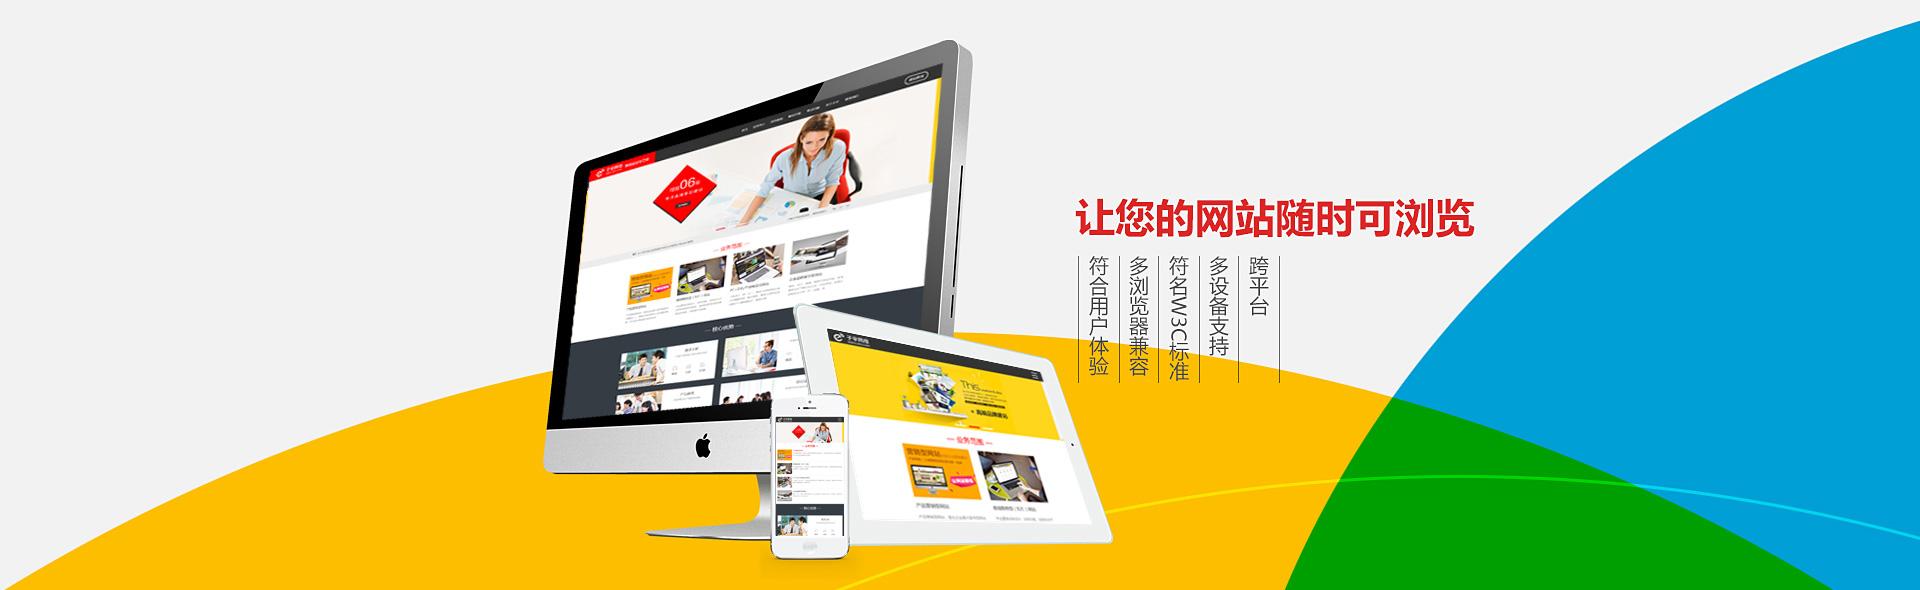 東莞網站建設公司聯系電話27192000